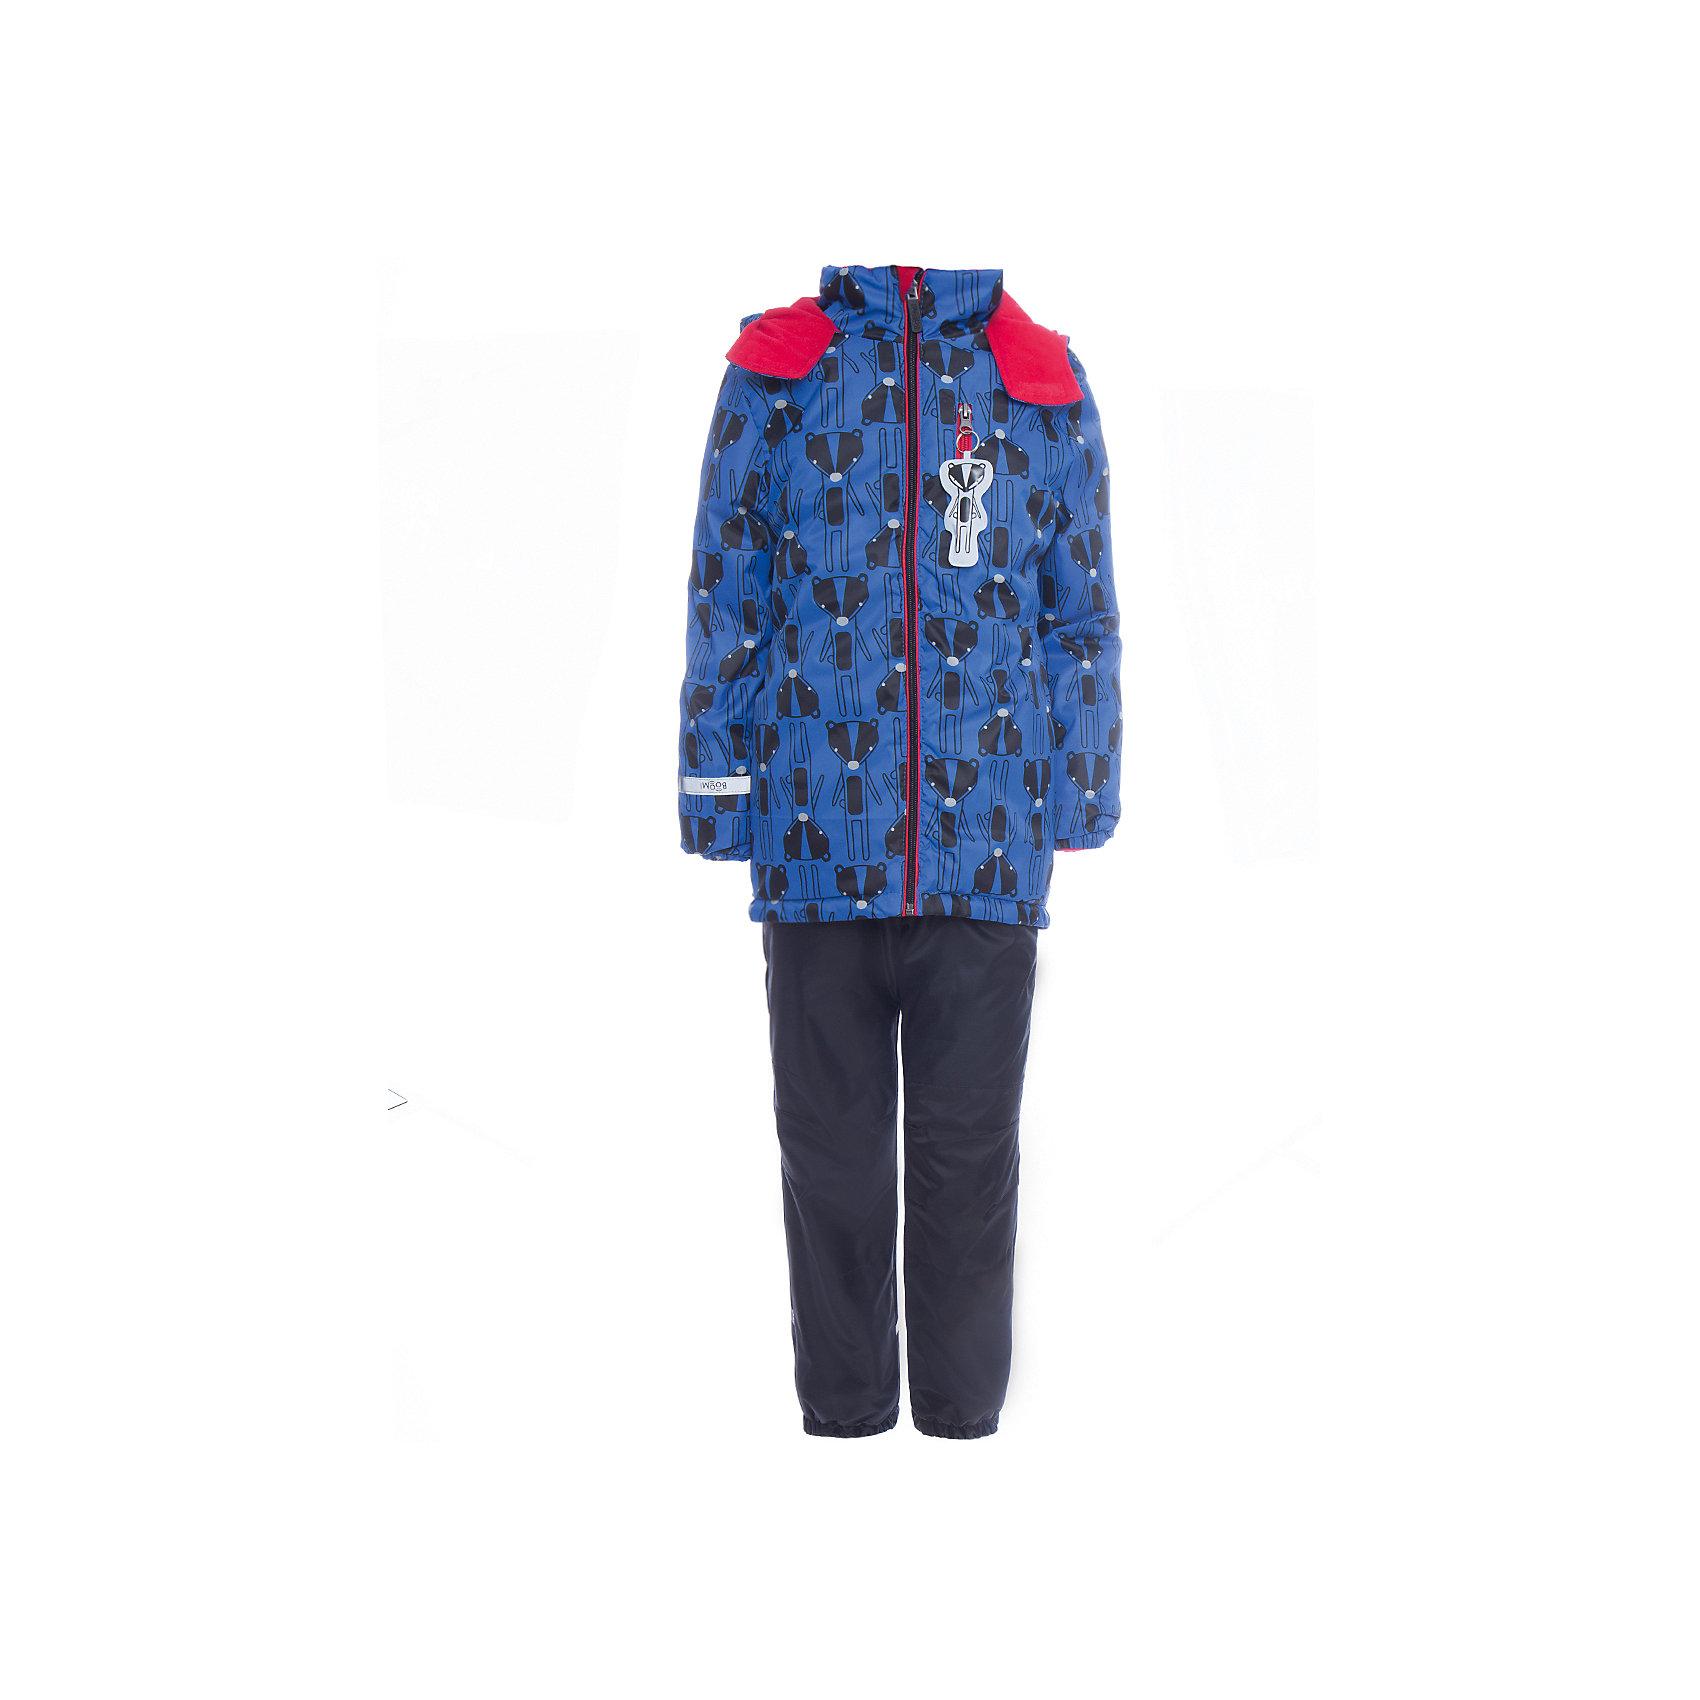 Комплект: куртка и брюки BOOM by Orby для мальчикаВерхняя одежда<br>Характеристики товара:<br><br>• цвет: синий<br>• ткань верха: Нейлон с мембранным покрытием 3000х3000<br>• подкладка: куртка - Поларфлис; ПЭ пуходержащий, брюки - Поларфлис<br>• утеплитель: куртка - Flexy Fiber 150 г/м2<br>• сезон: демисезон<br>• температурный режим: от +10°до -5°С<br>• особенности куртки: на молнии, со светоотражающими элементами<br>• особенности брюк: на резинке<br>• капюшон: без меха<br>• страна бренда: Россия<br>• страна изготовитель: Россия<br><br>Удобный и модный комплект для мальчика сделан с применением мембранной технологии, которая защищает от ветра, сырости и грязи. Он позволит обеспечить ребенку комфорт в демисезон. <br><br>Комплект: куртка и брюки BOOM by Orby для мальчика можно купить в нашем интернет-магазине.<br><br>Ширина мм: 356<br>Глубина мм: 10<br>Высота мм: 245<br>Вес г: 519<br>Цвет: синий<br>Возраст от месяцев: 36<br>Возраст до месяцев: 48<br>Пол: Мужской<br>Возраст: Детский<br>Размер: 86,104,122,116,110,98,92<br>SKU: 7007366